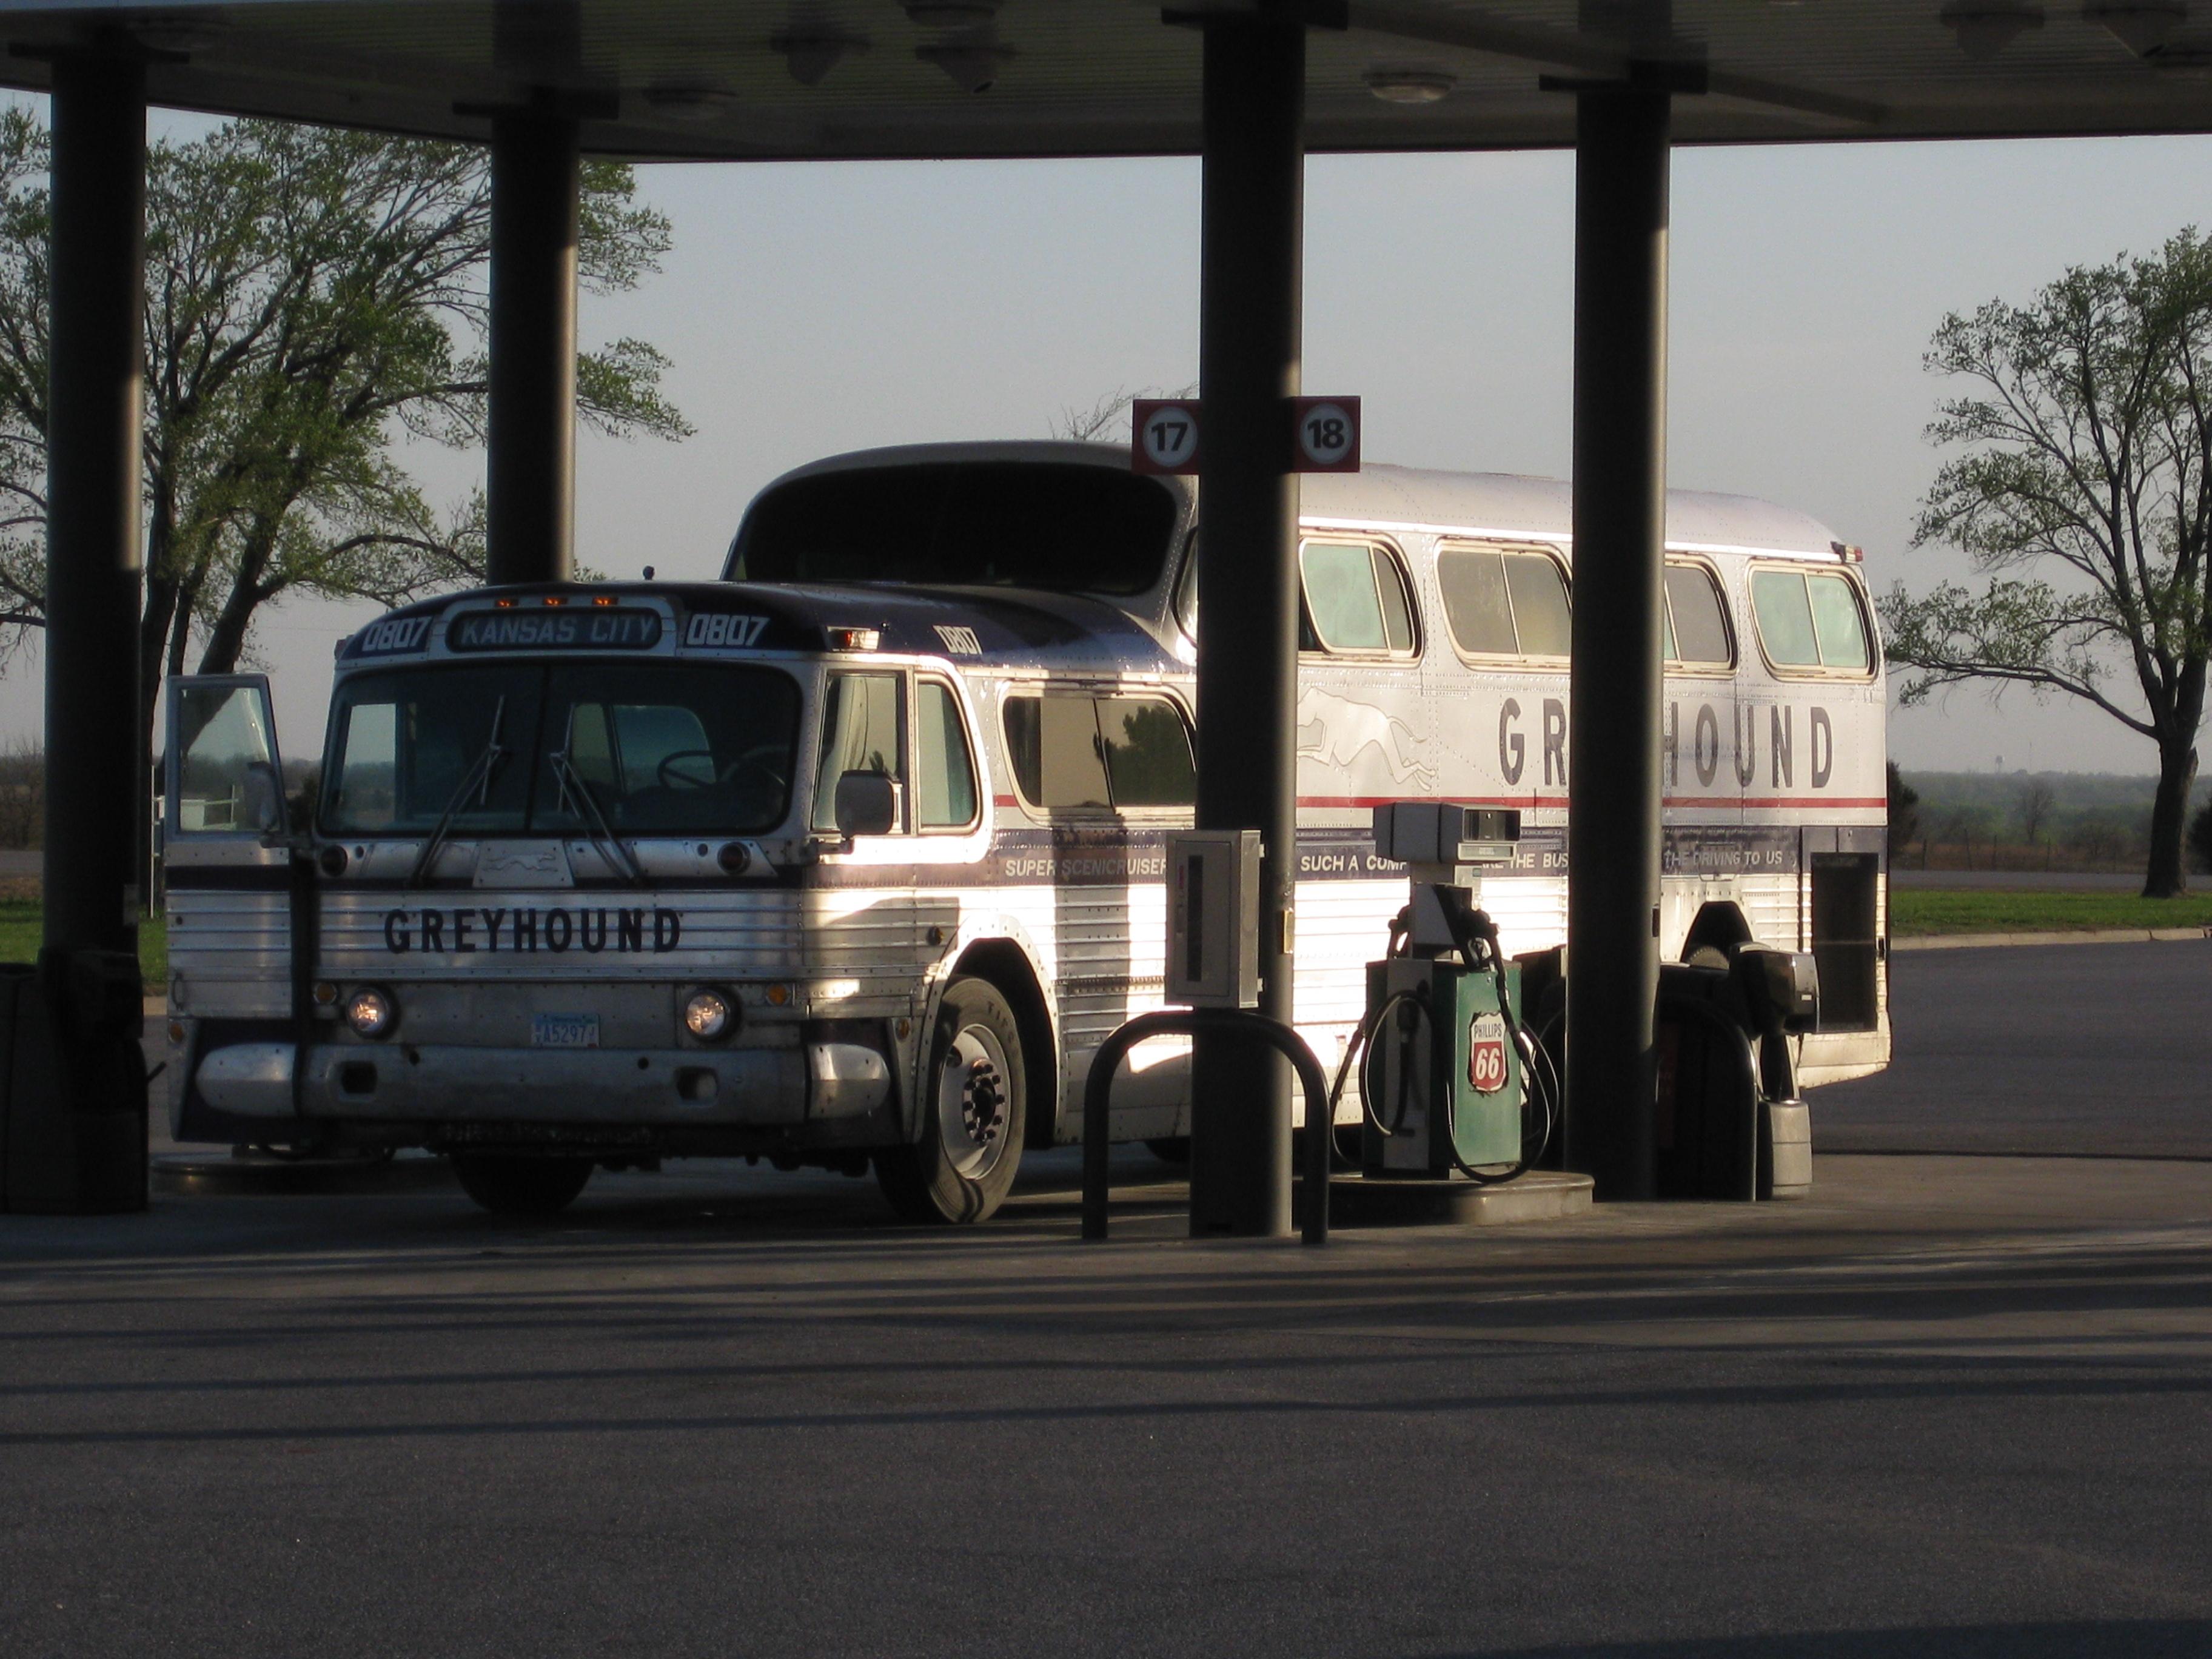 Saturday diesel fuel time